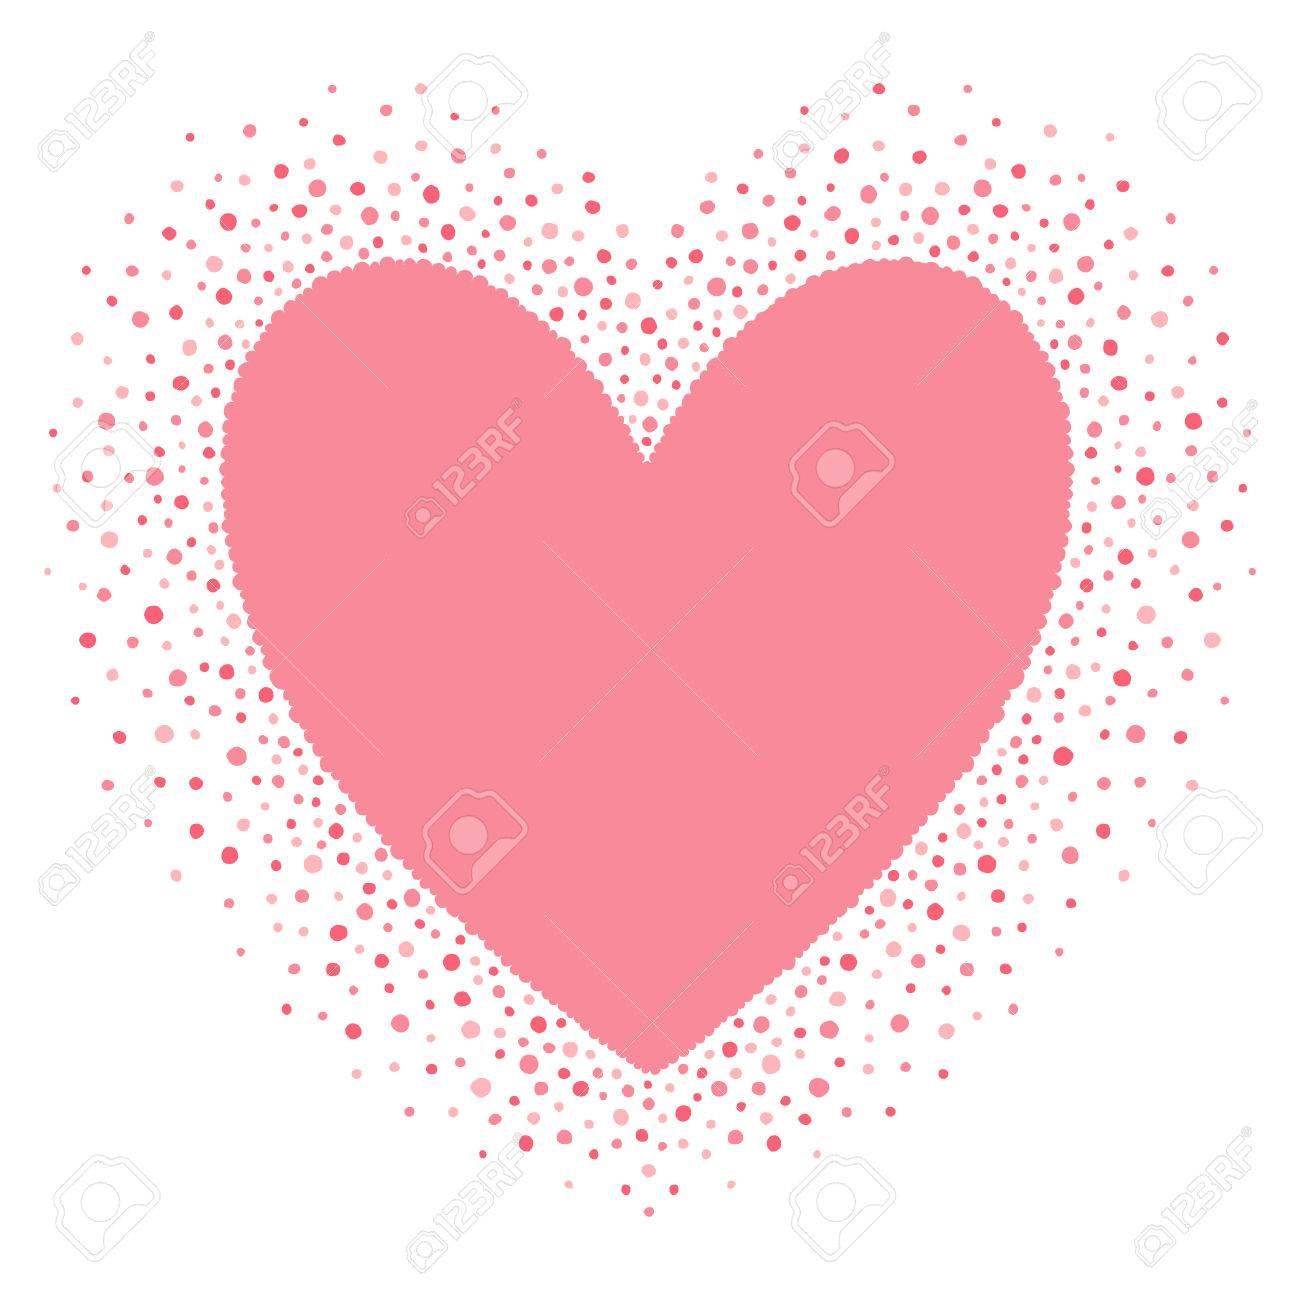 Großes Herz-Form-Rahmen Mit Leeren Platz Für Ihre Grüße ...